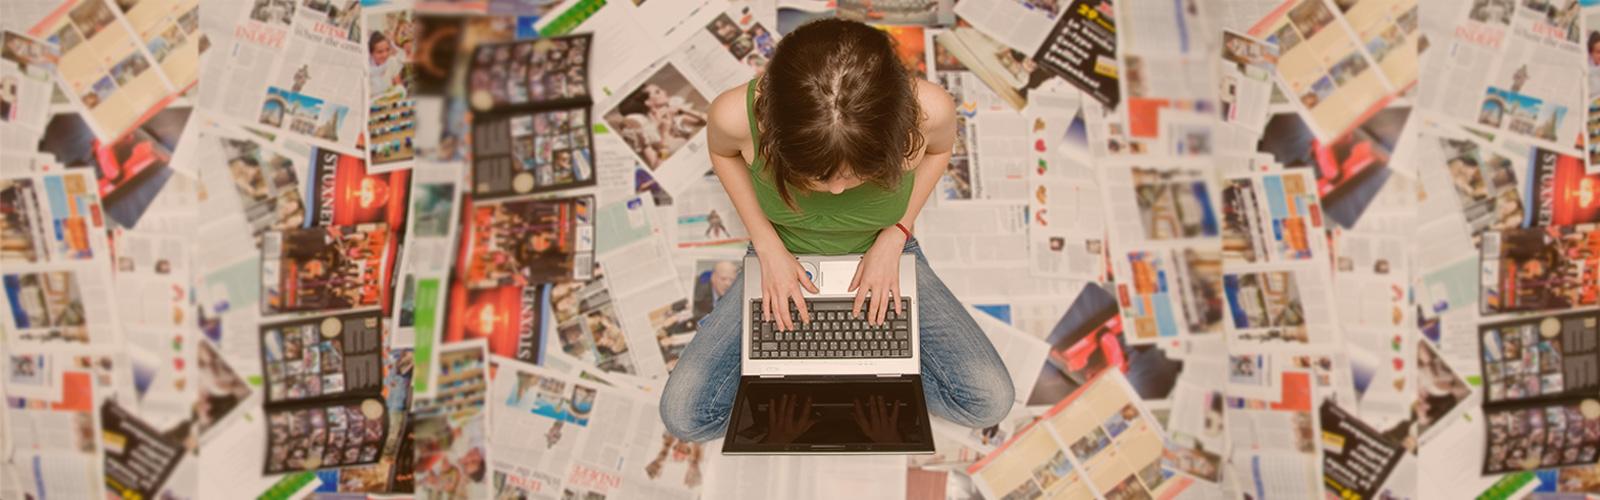 Guía DIY de relaciones públicas: cómo ser tu propio publicista (2ª parte)